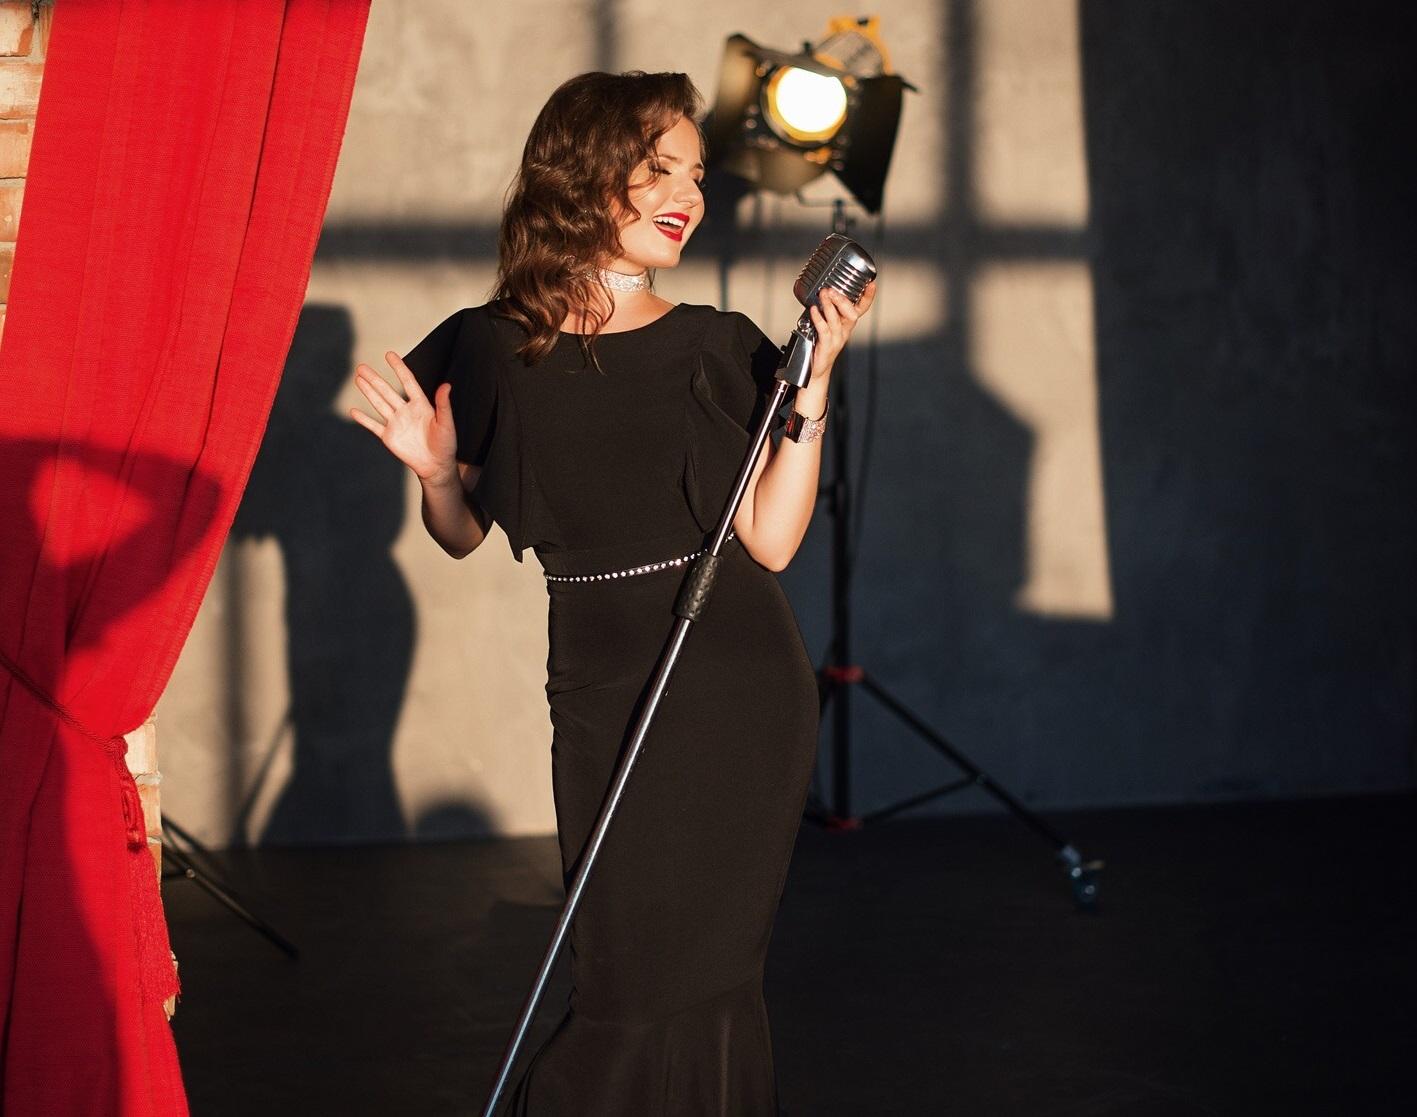 Тольяттинка Наталья Брит стала лауреатом Международного фестиваля вокального искусства